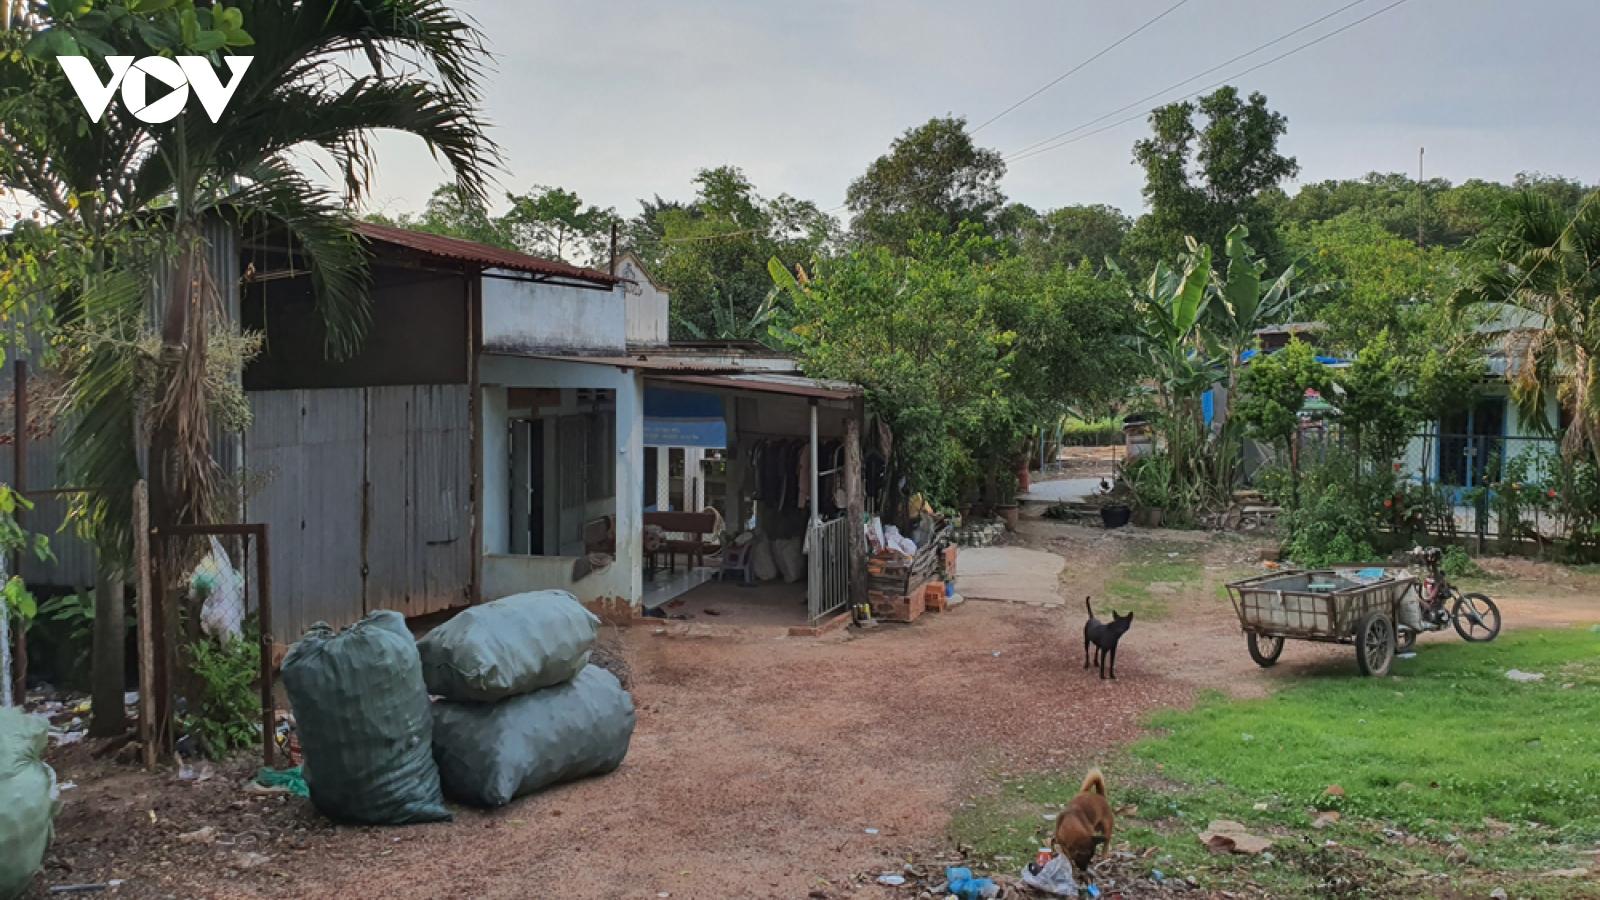 """Dự án khu dân cư Thế kỷ 21 ở Bình Dương """"treo"""" đến bao giờ?"""